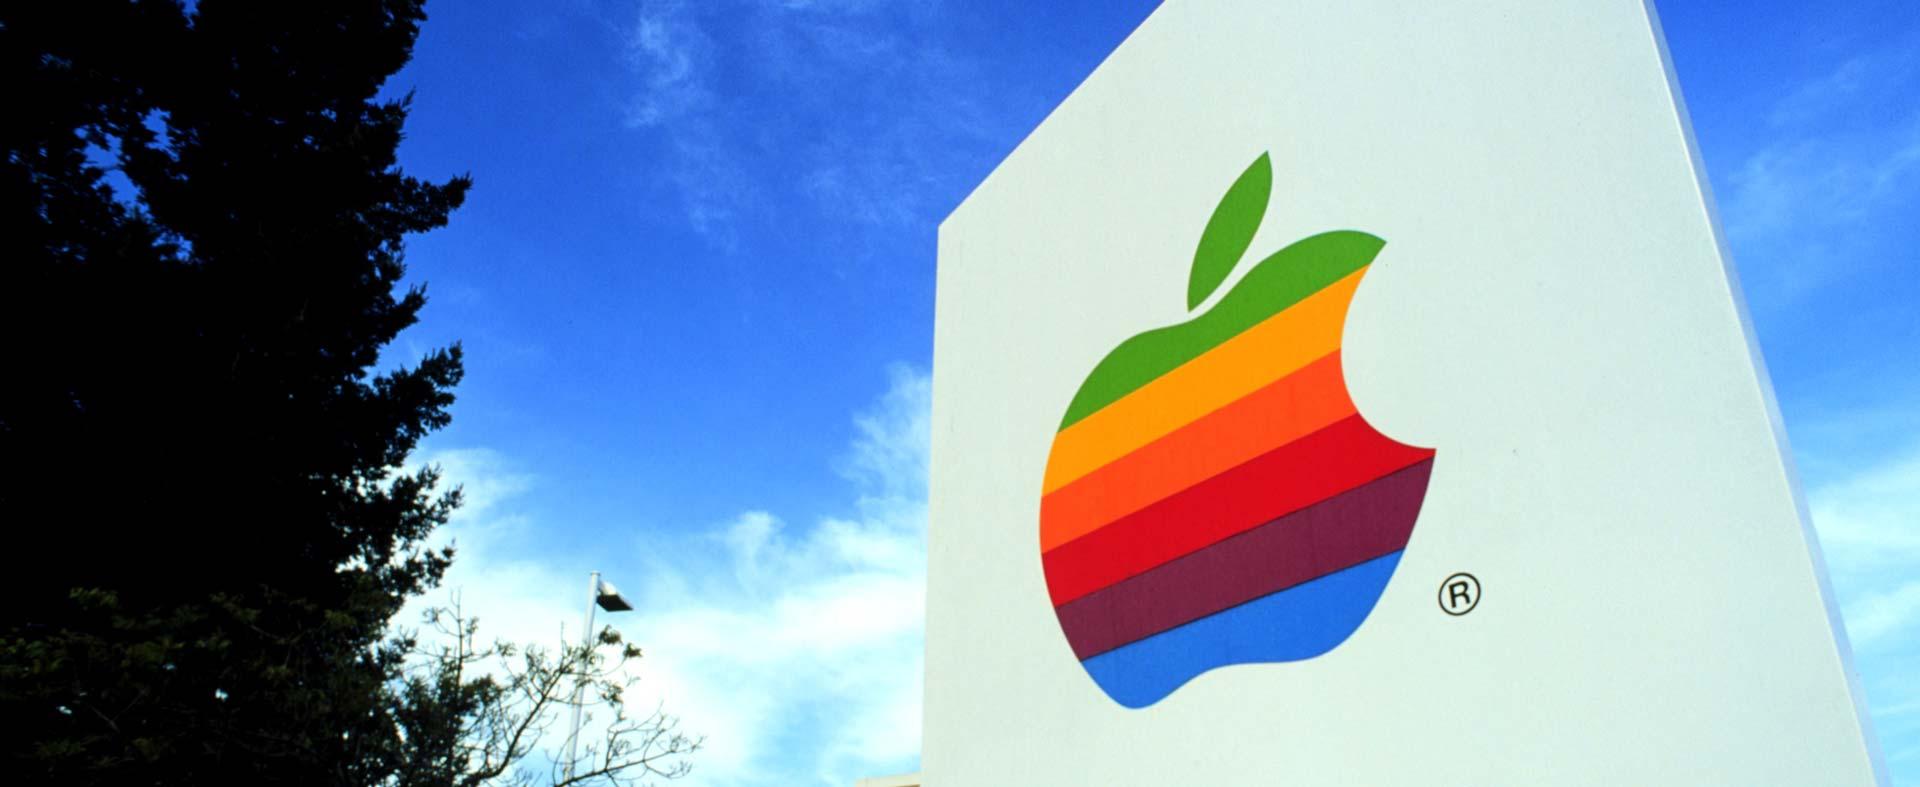 NEĆETE VJEROVATI: Evo što bi Apple svojim novcem sve mogao kupiti!